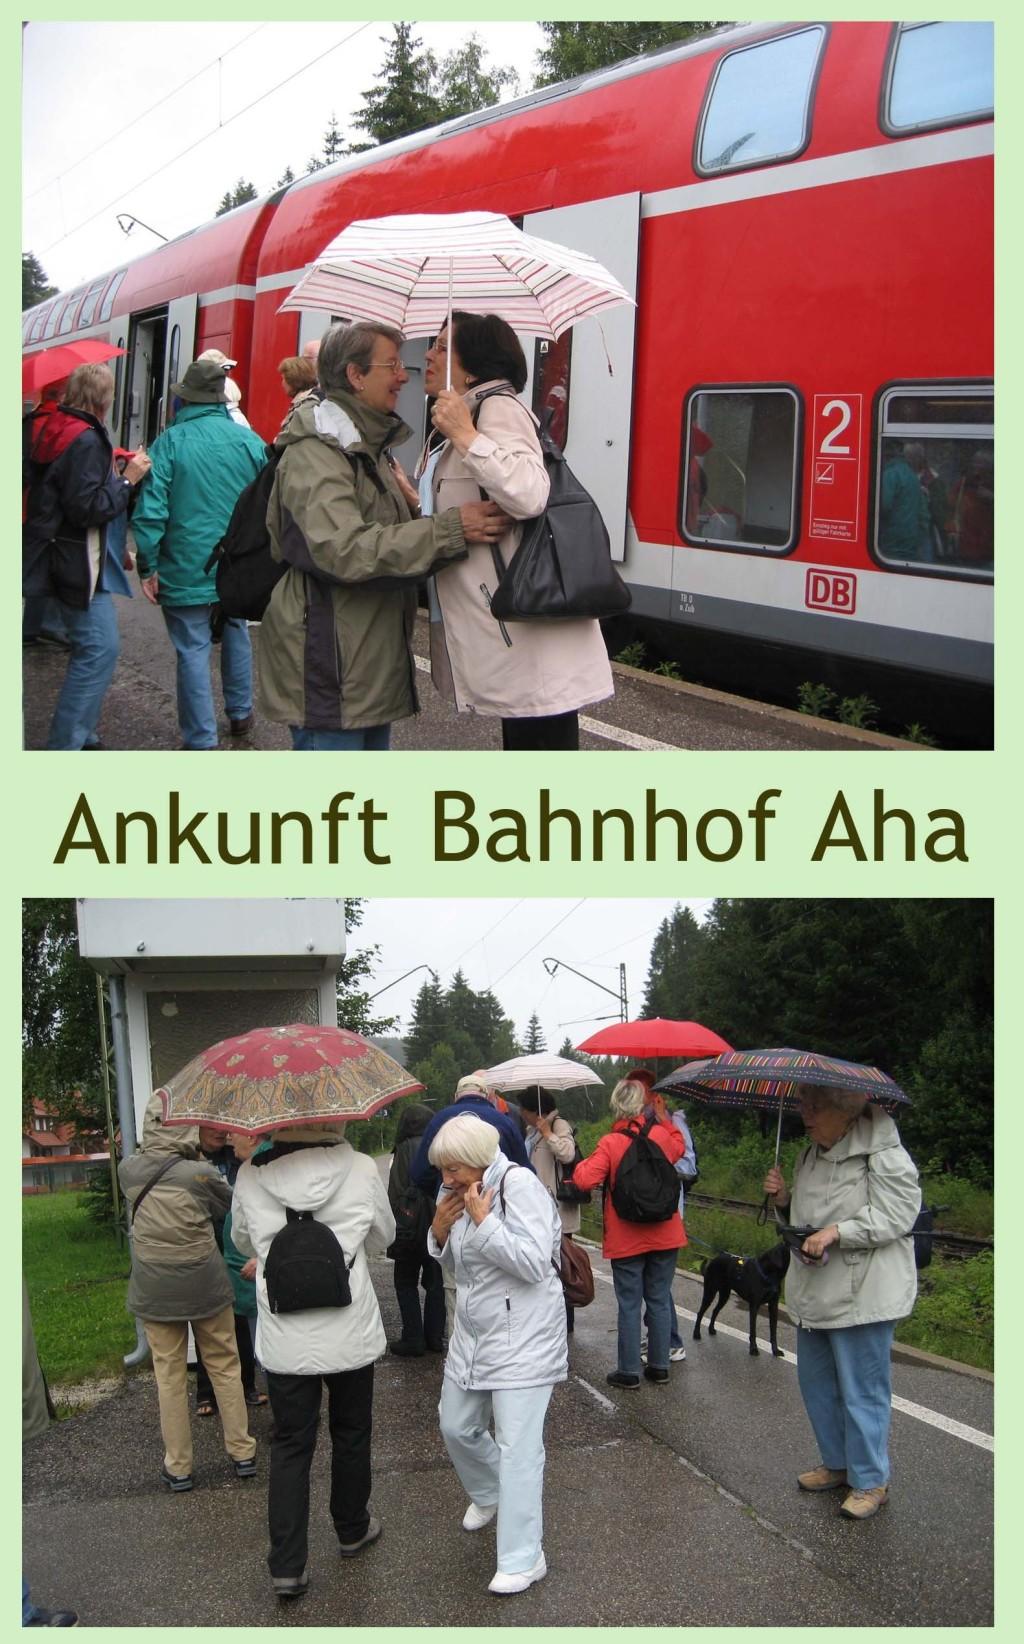 Aha-Falkau 4